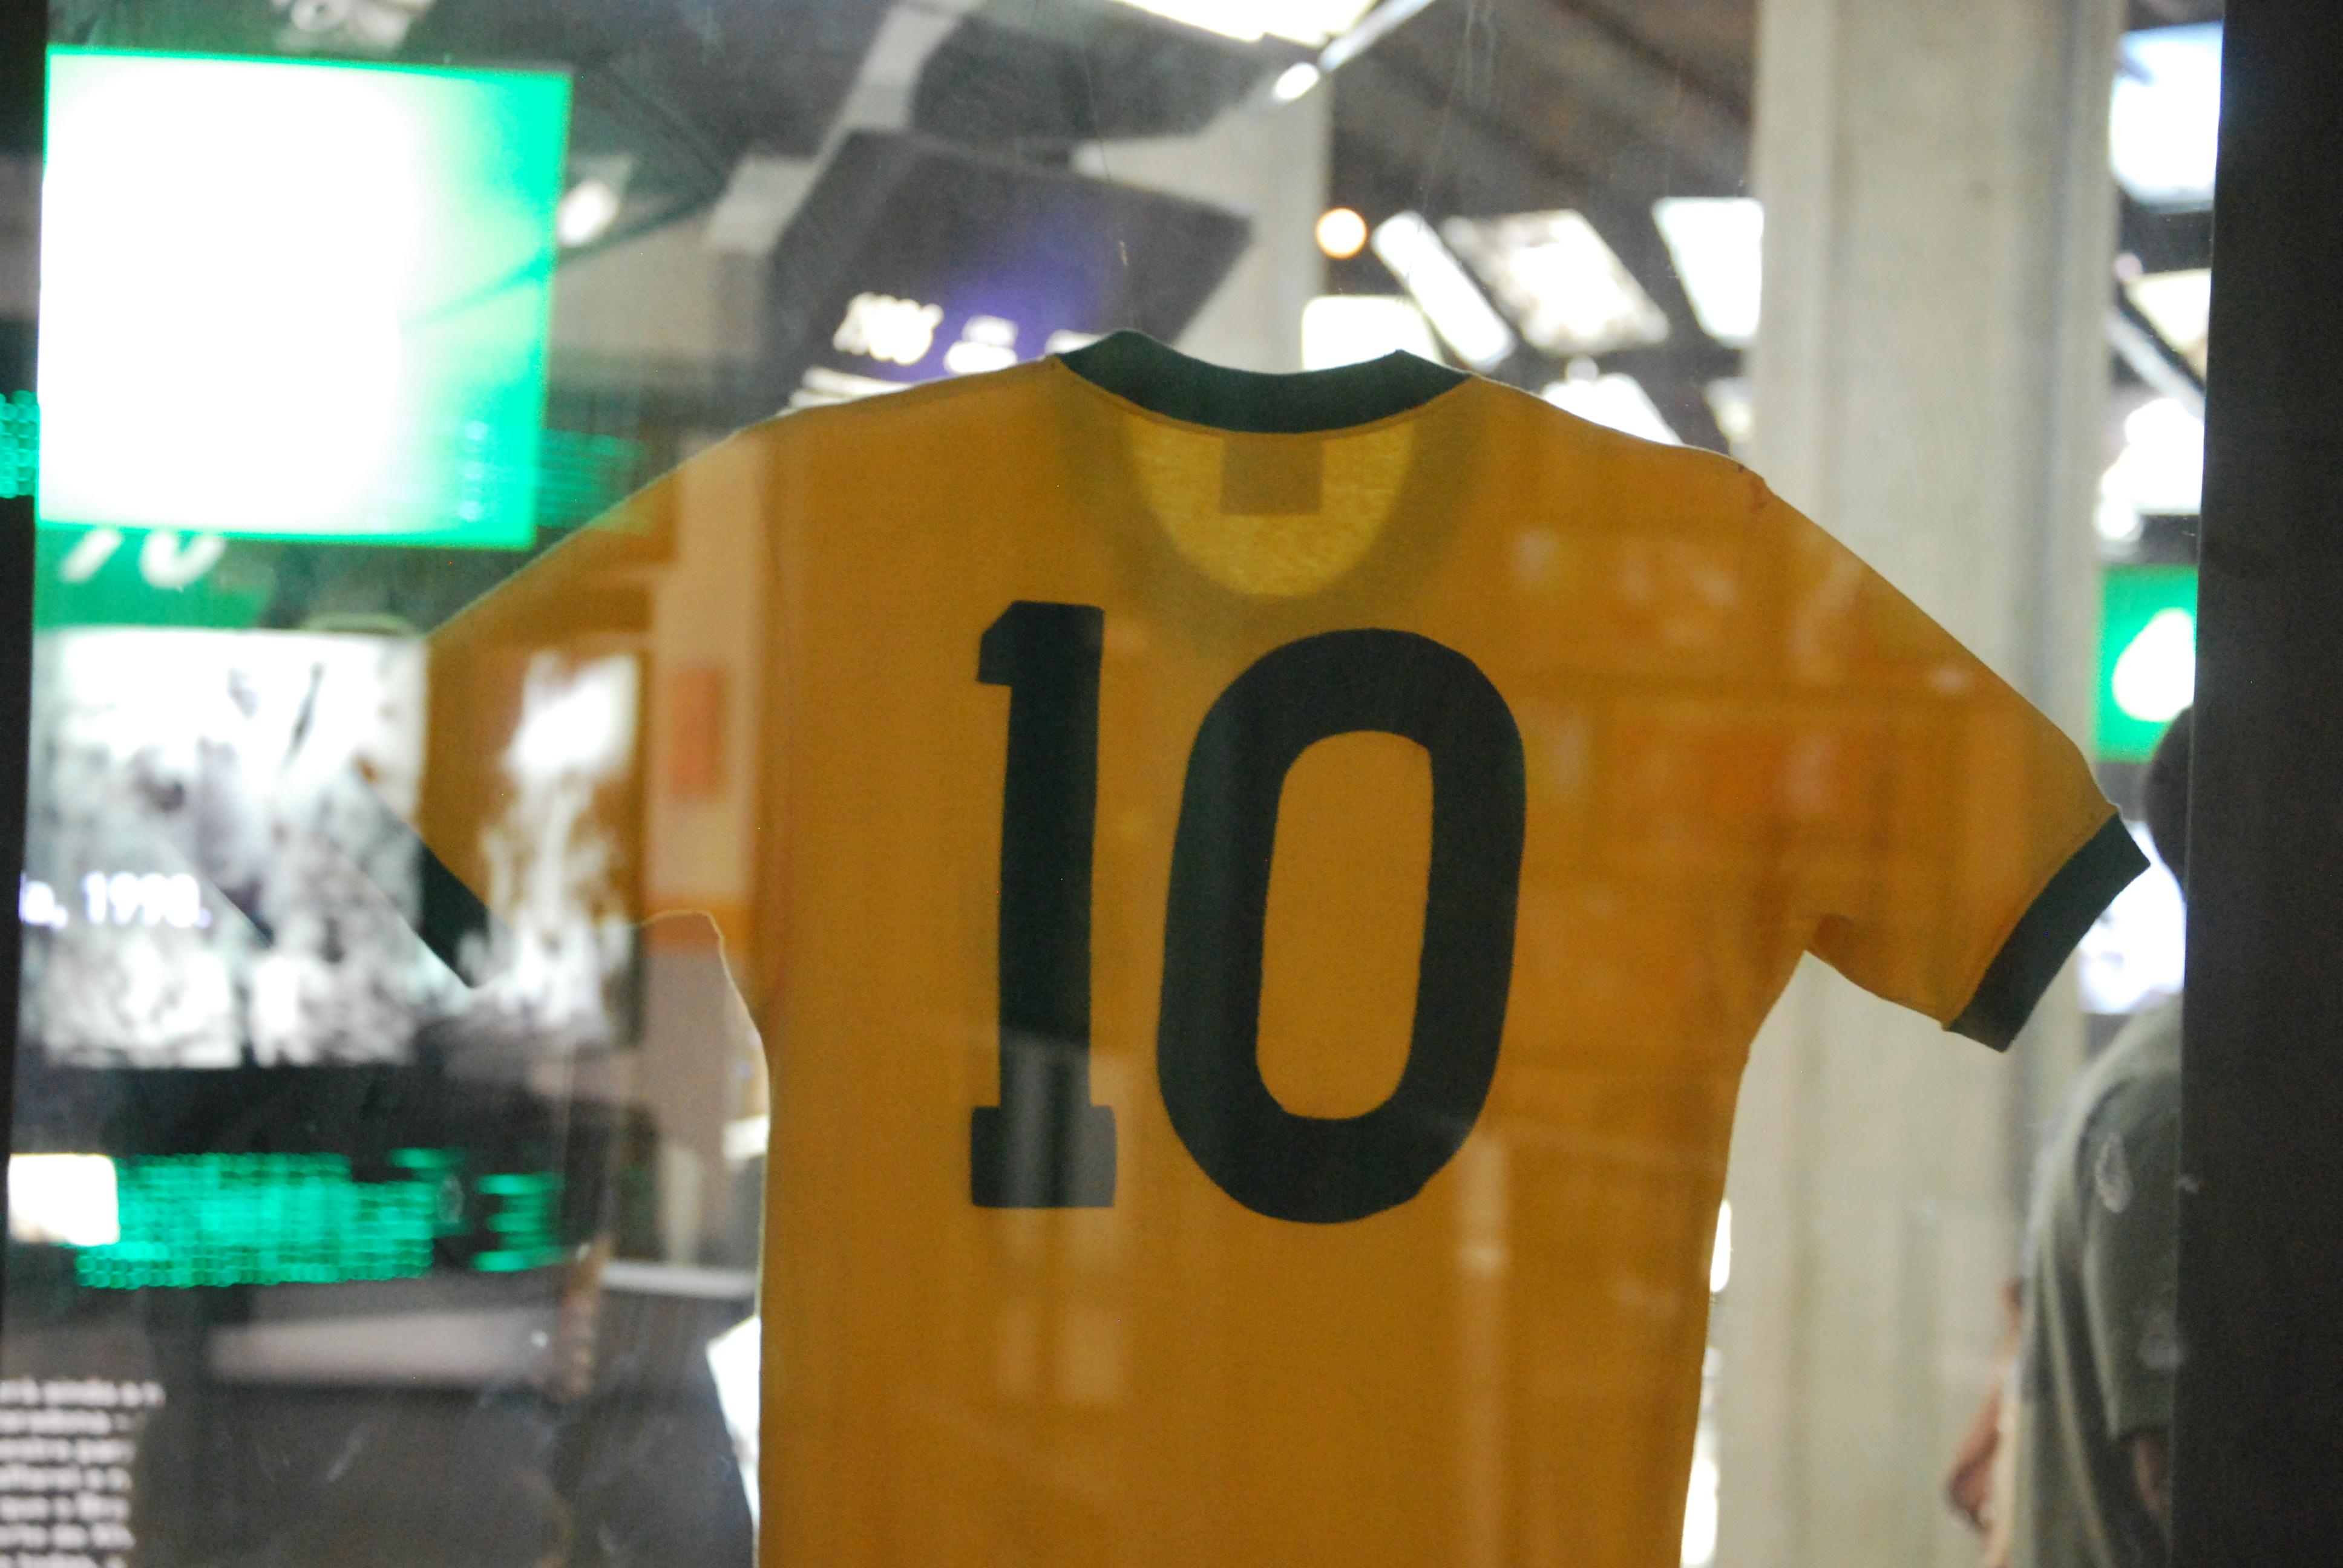 3dc66ca090 Estádio Jornalista Mário Filho – Wikipédia, a enciclopédia livre